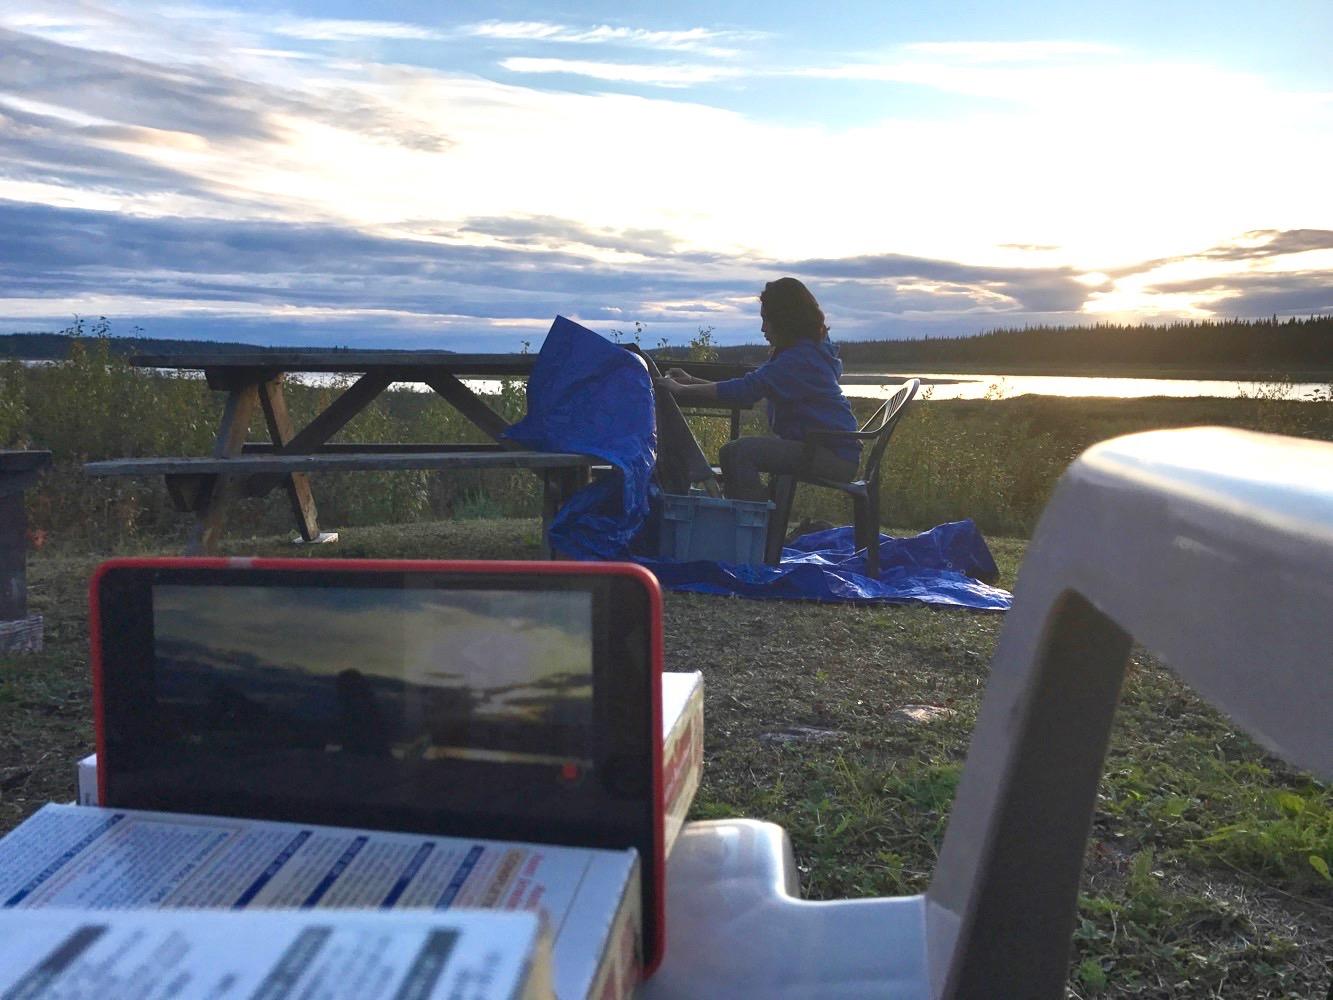 Hands On Media workshop - Bennet Field, Northwest Territories, 2017